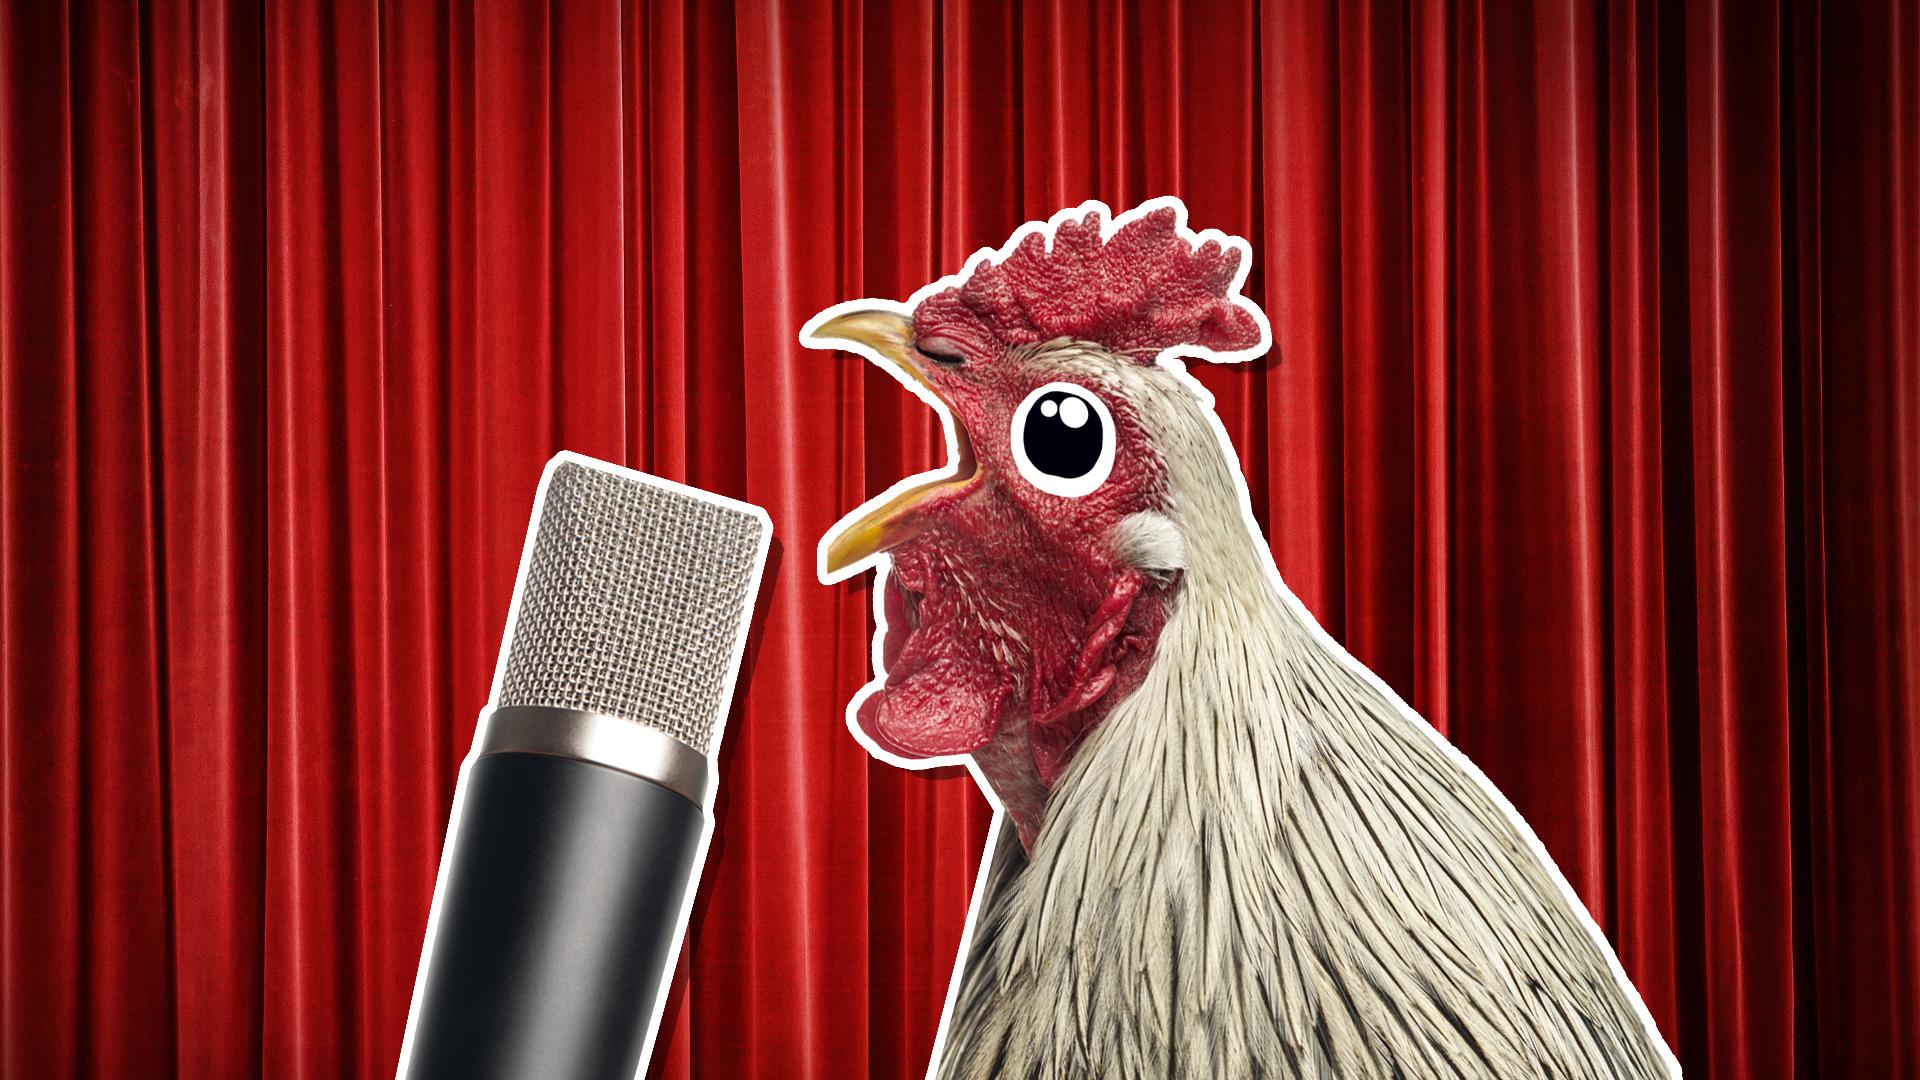 A chicken tells a joke